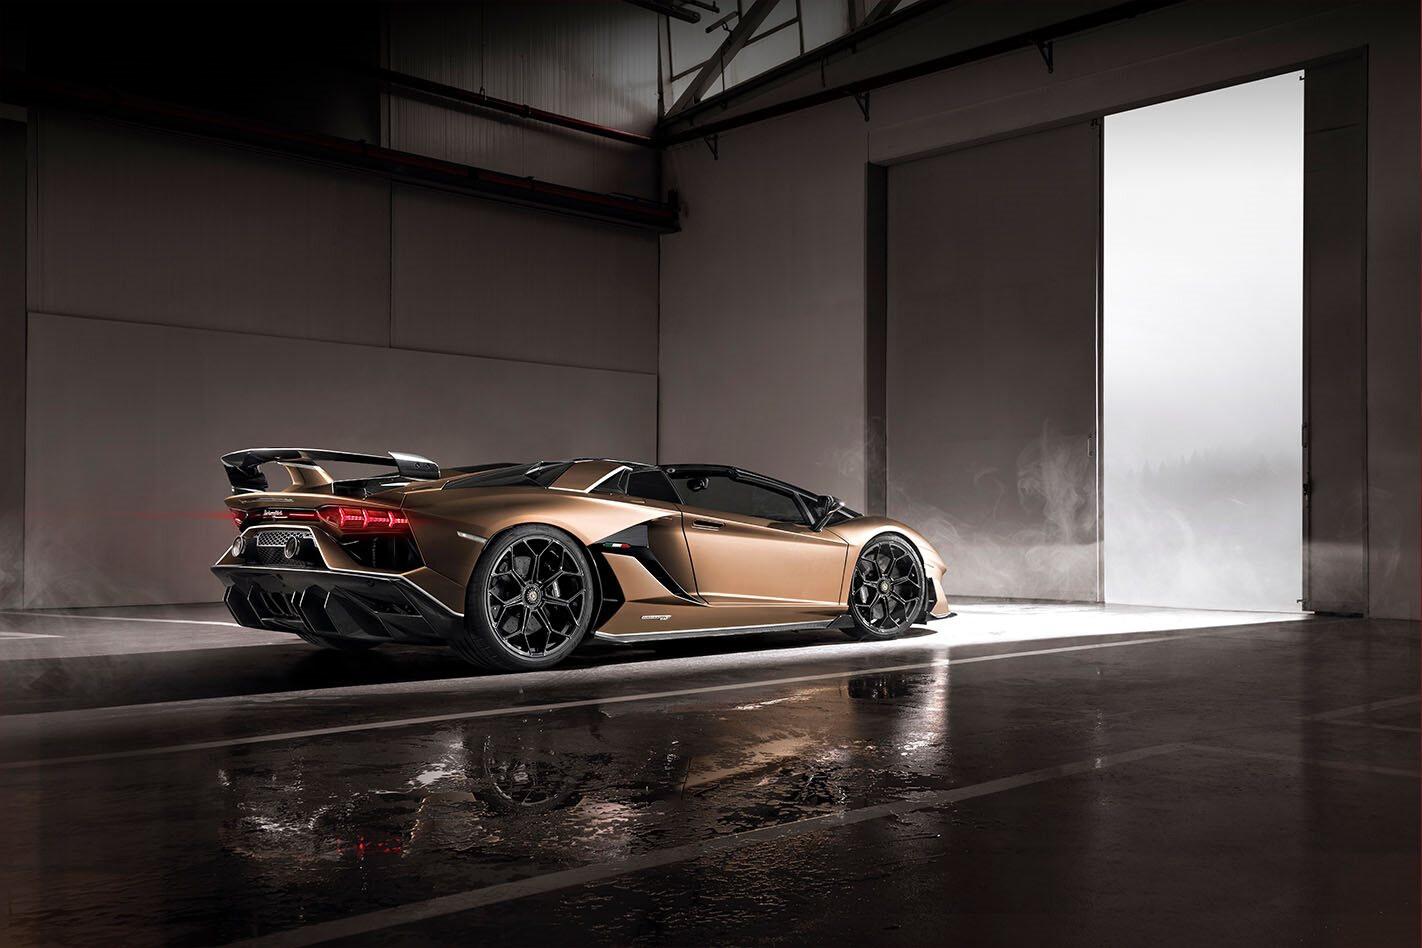 Lamborghini V12 not dead